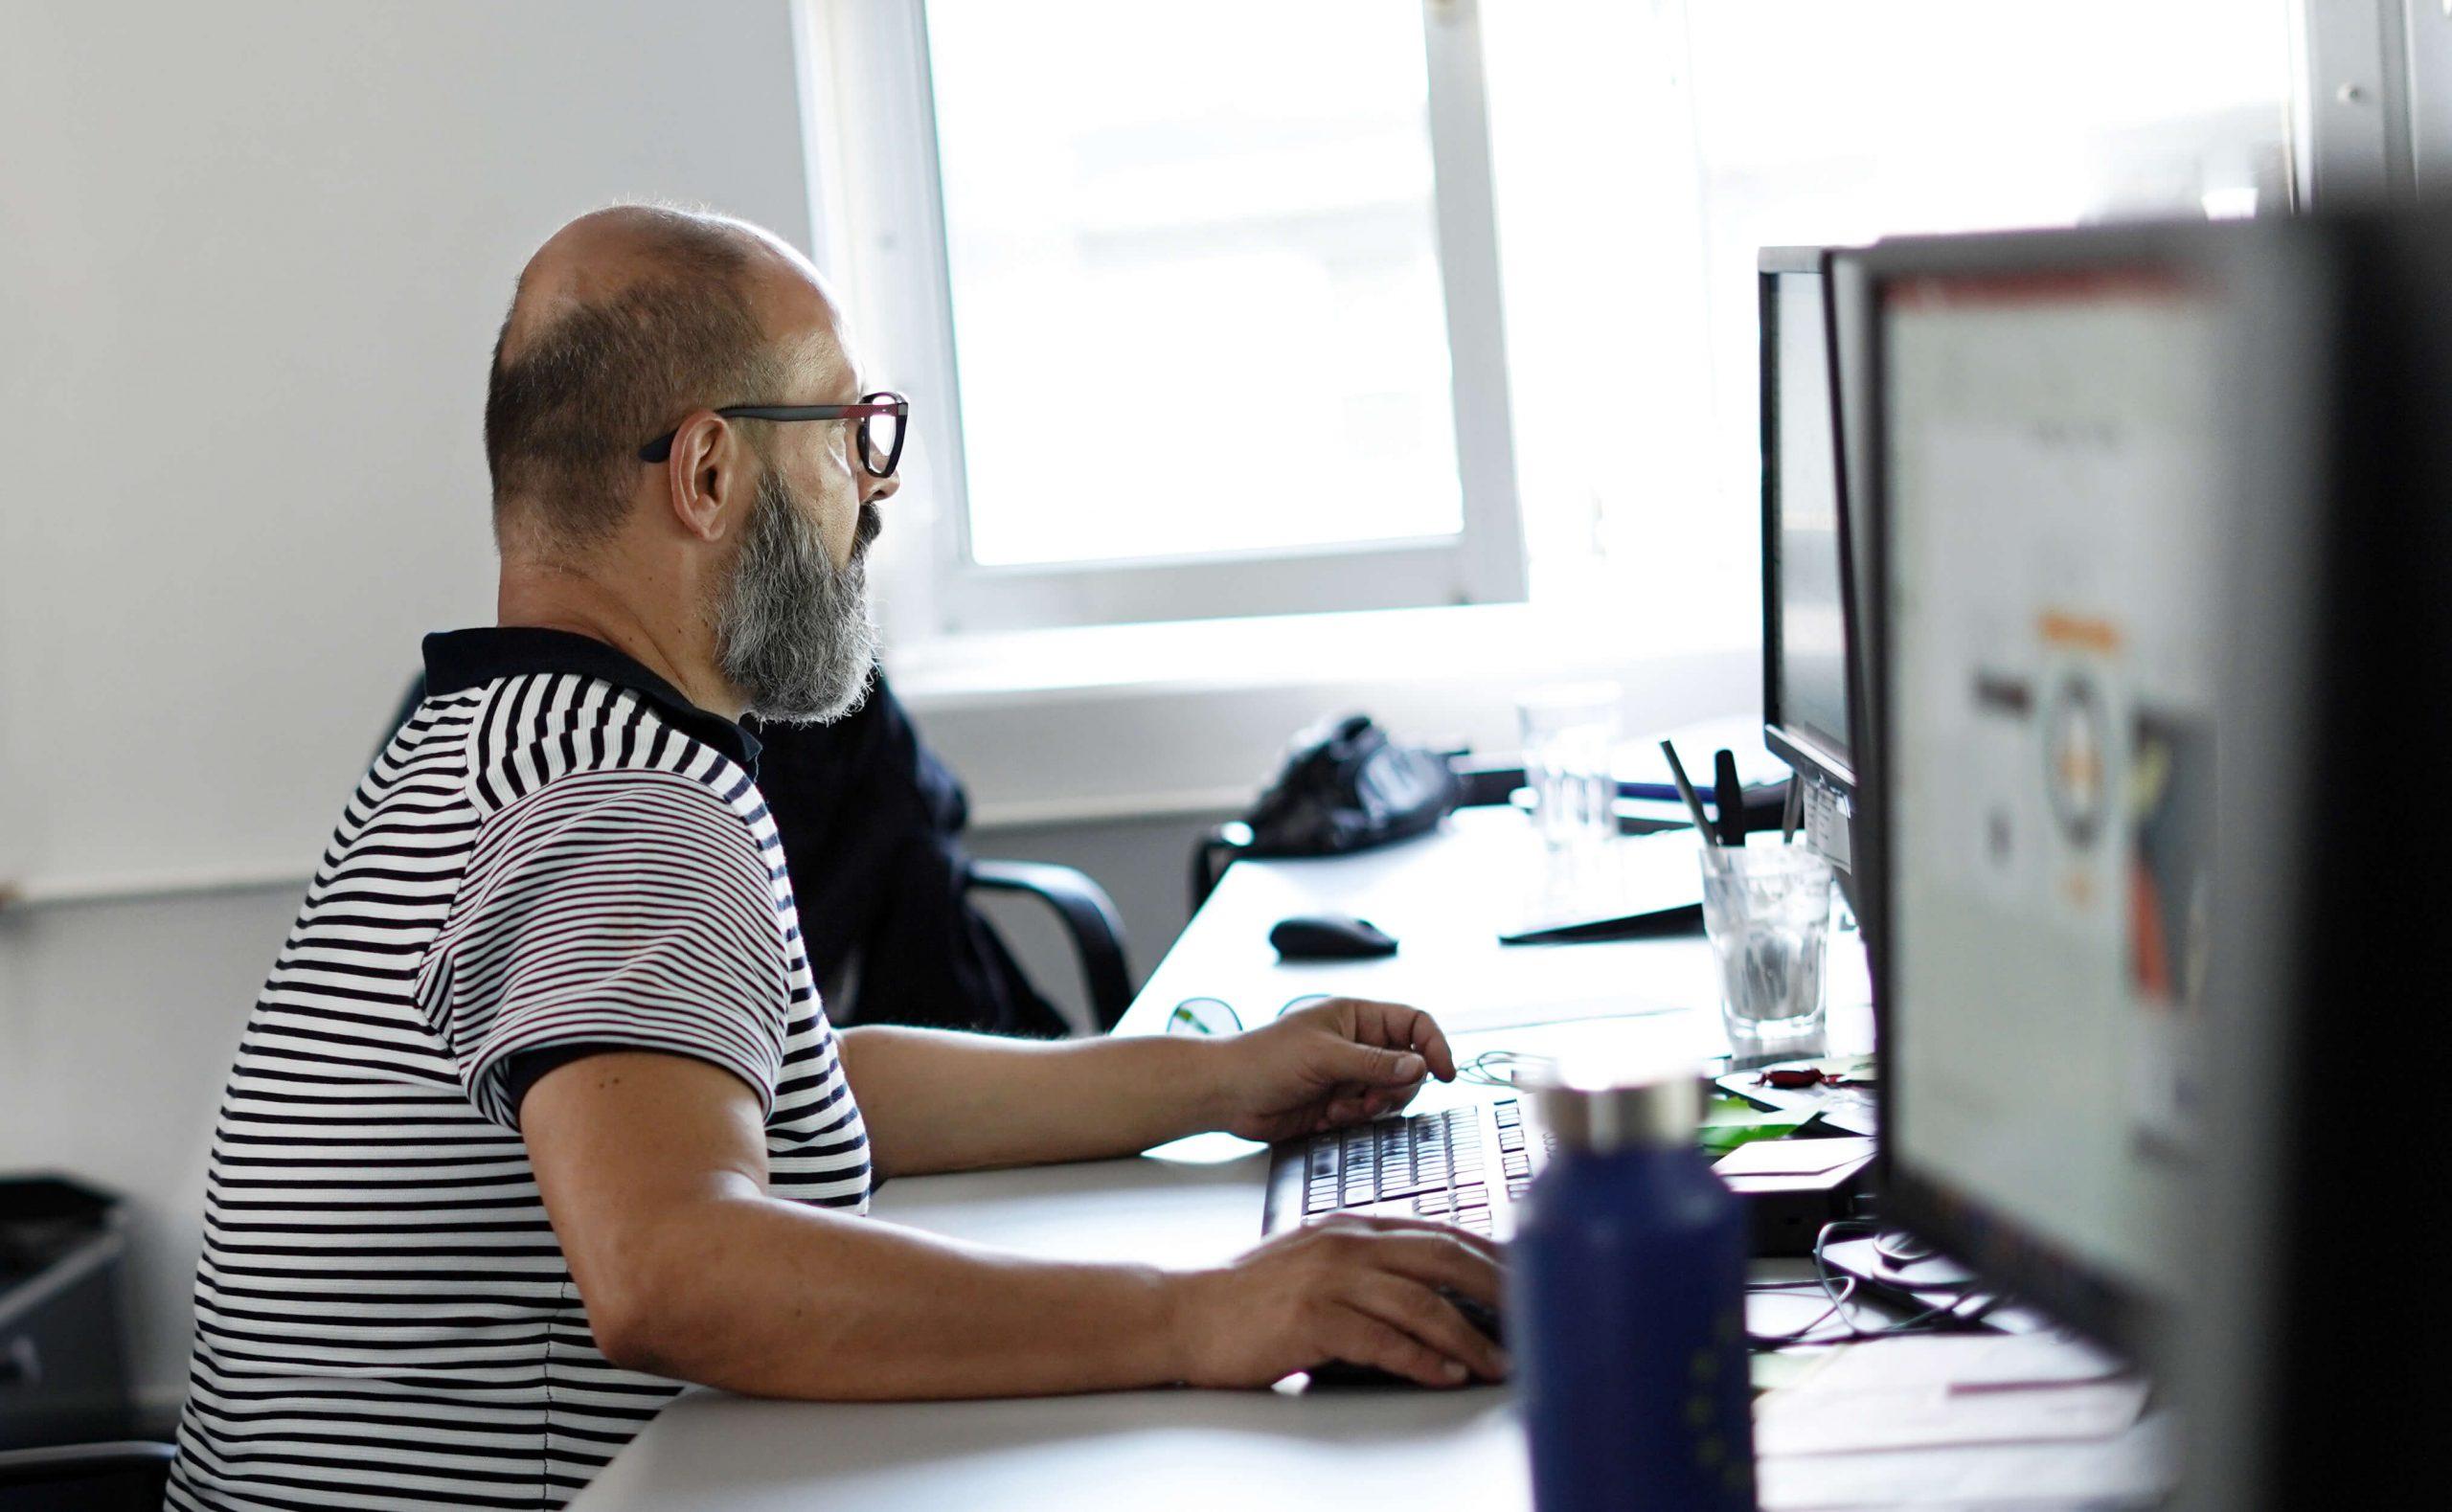 Ein Mann sitzt am Schreibtisch und fertigt ein Reporting an